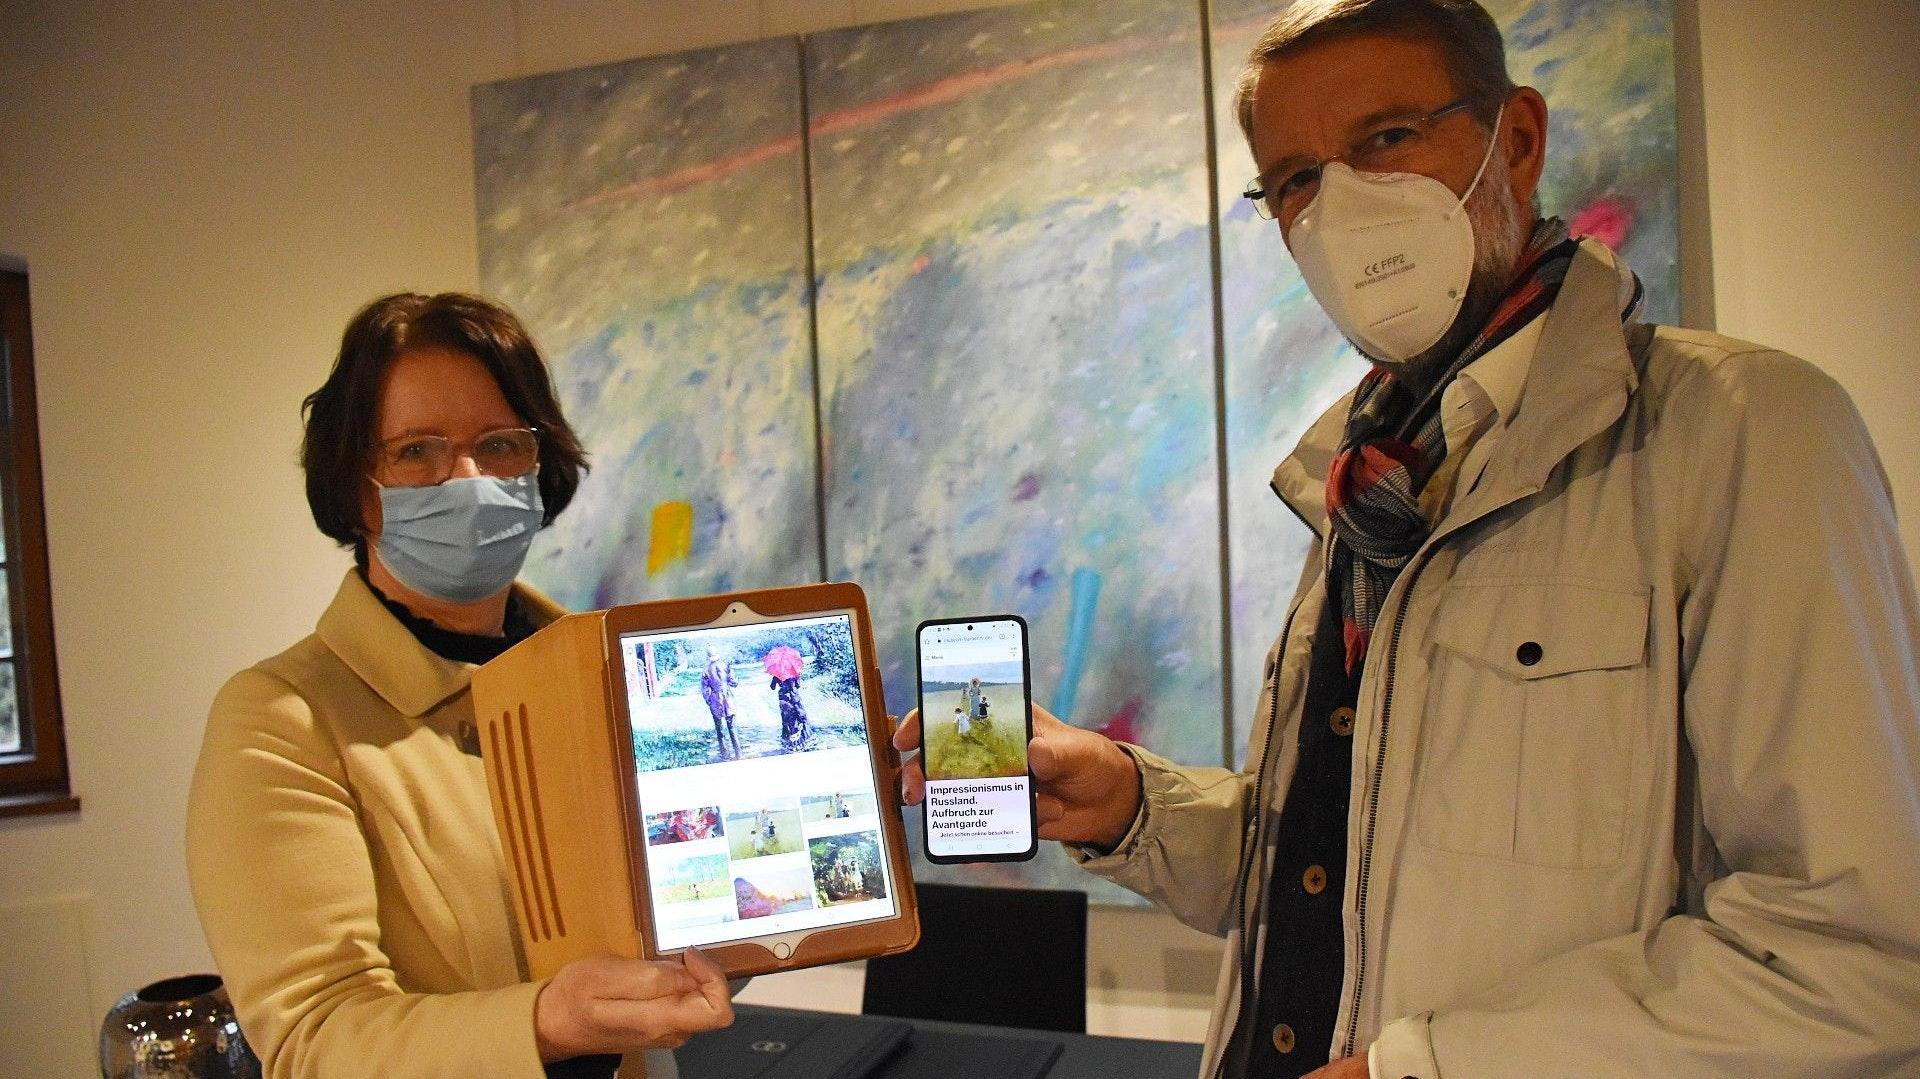 Kunstgenuss digital: Die Vorsitzende Dr. Gertrud Landwehr und ihr Stellvertreter Dr. Jörg Sommer veranschaulichen, wie die Mitglieder via Tablet, Laptop oder Smartphone an den virtuellen Führungen durch die Museen teilnehmen können. Foto: Timphaus